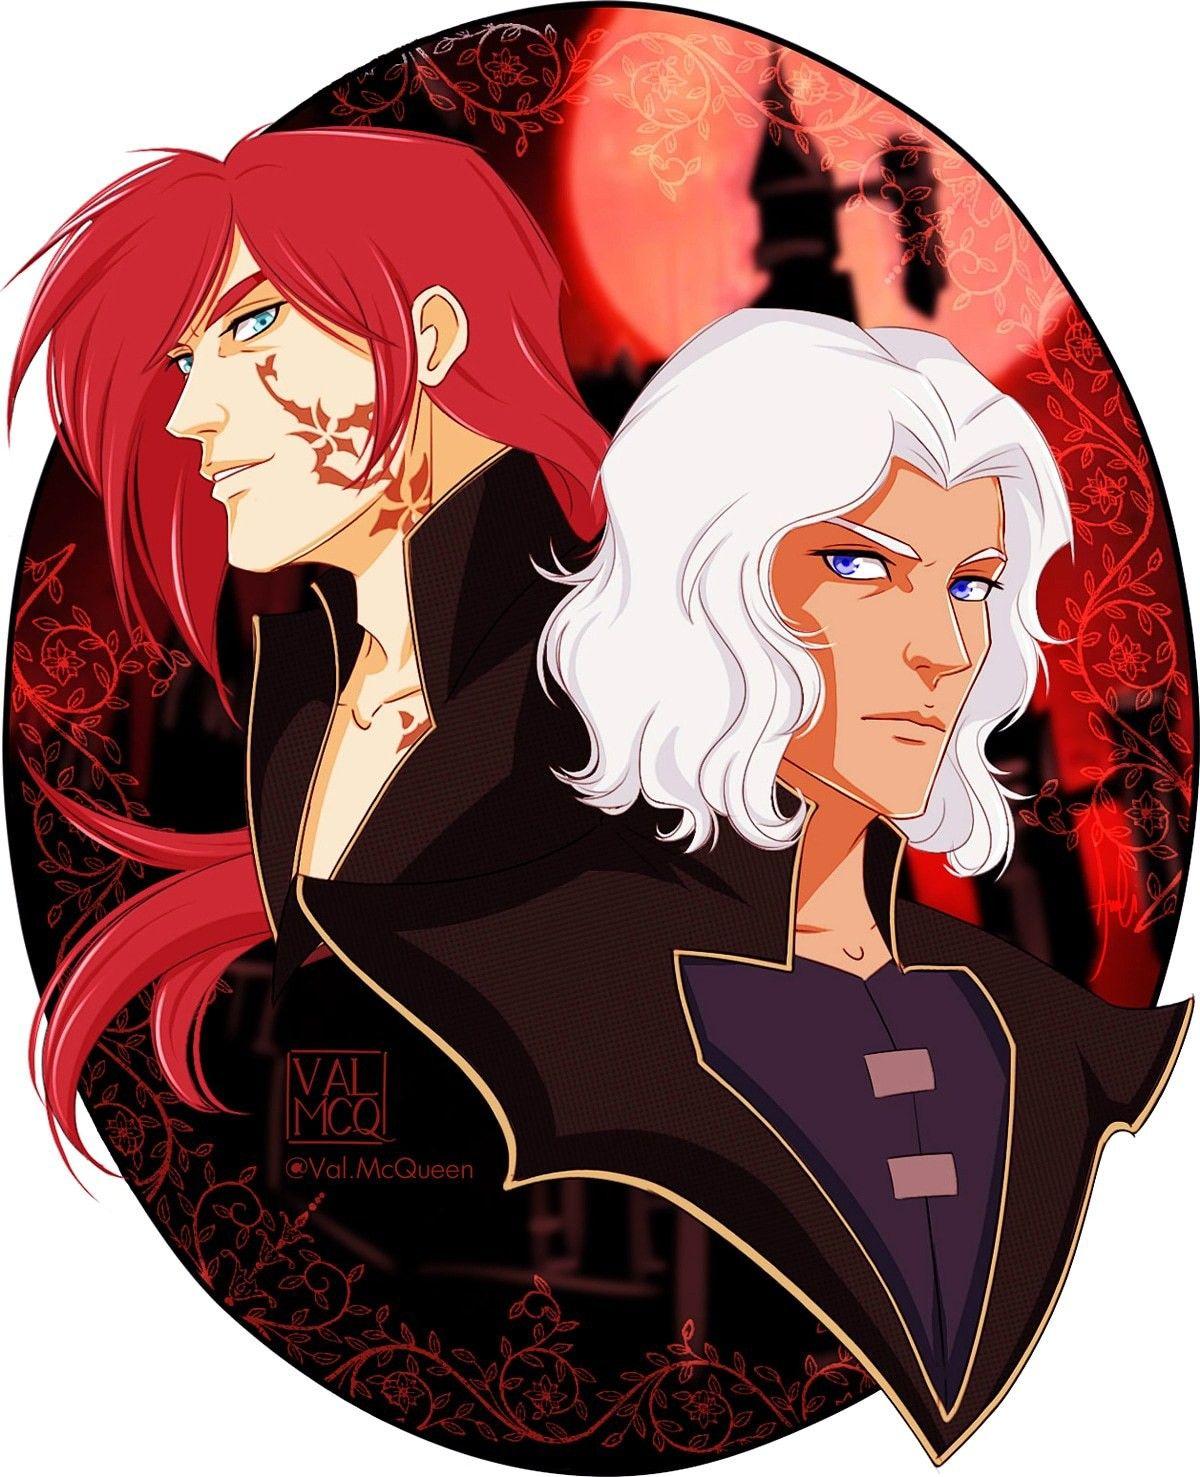 Pin by Kaitlyn Wilson on castlevania Anime, Trevor